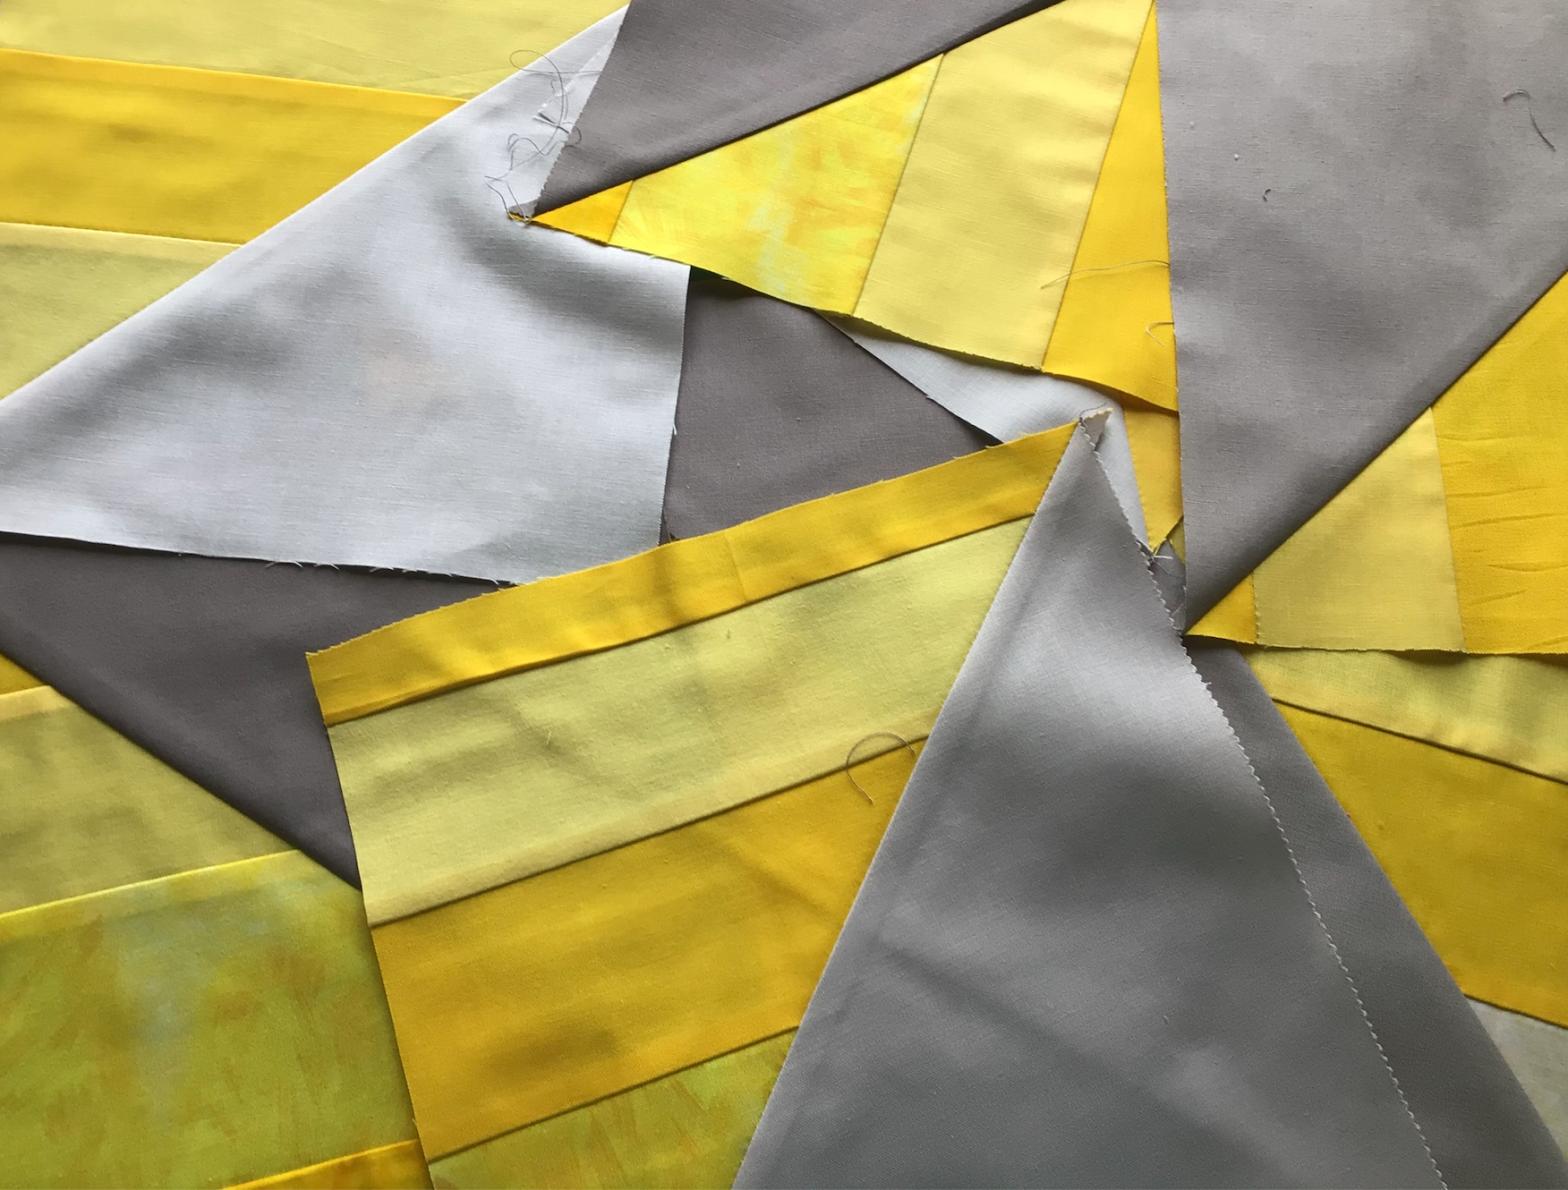 Yellow & Gray Quilt Blocks